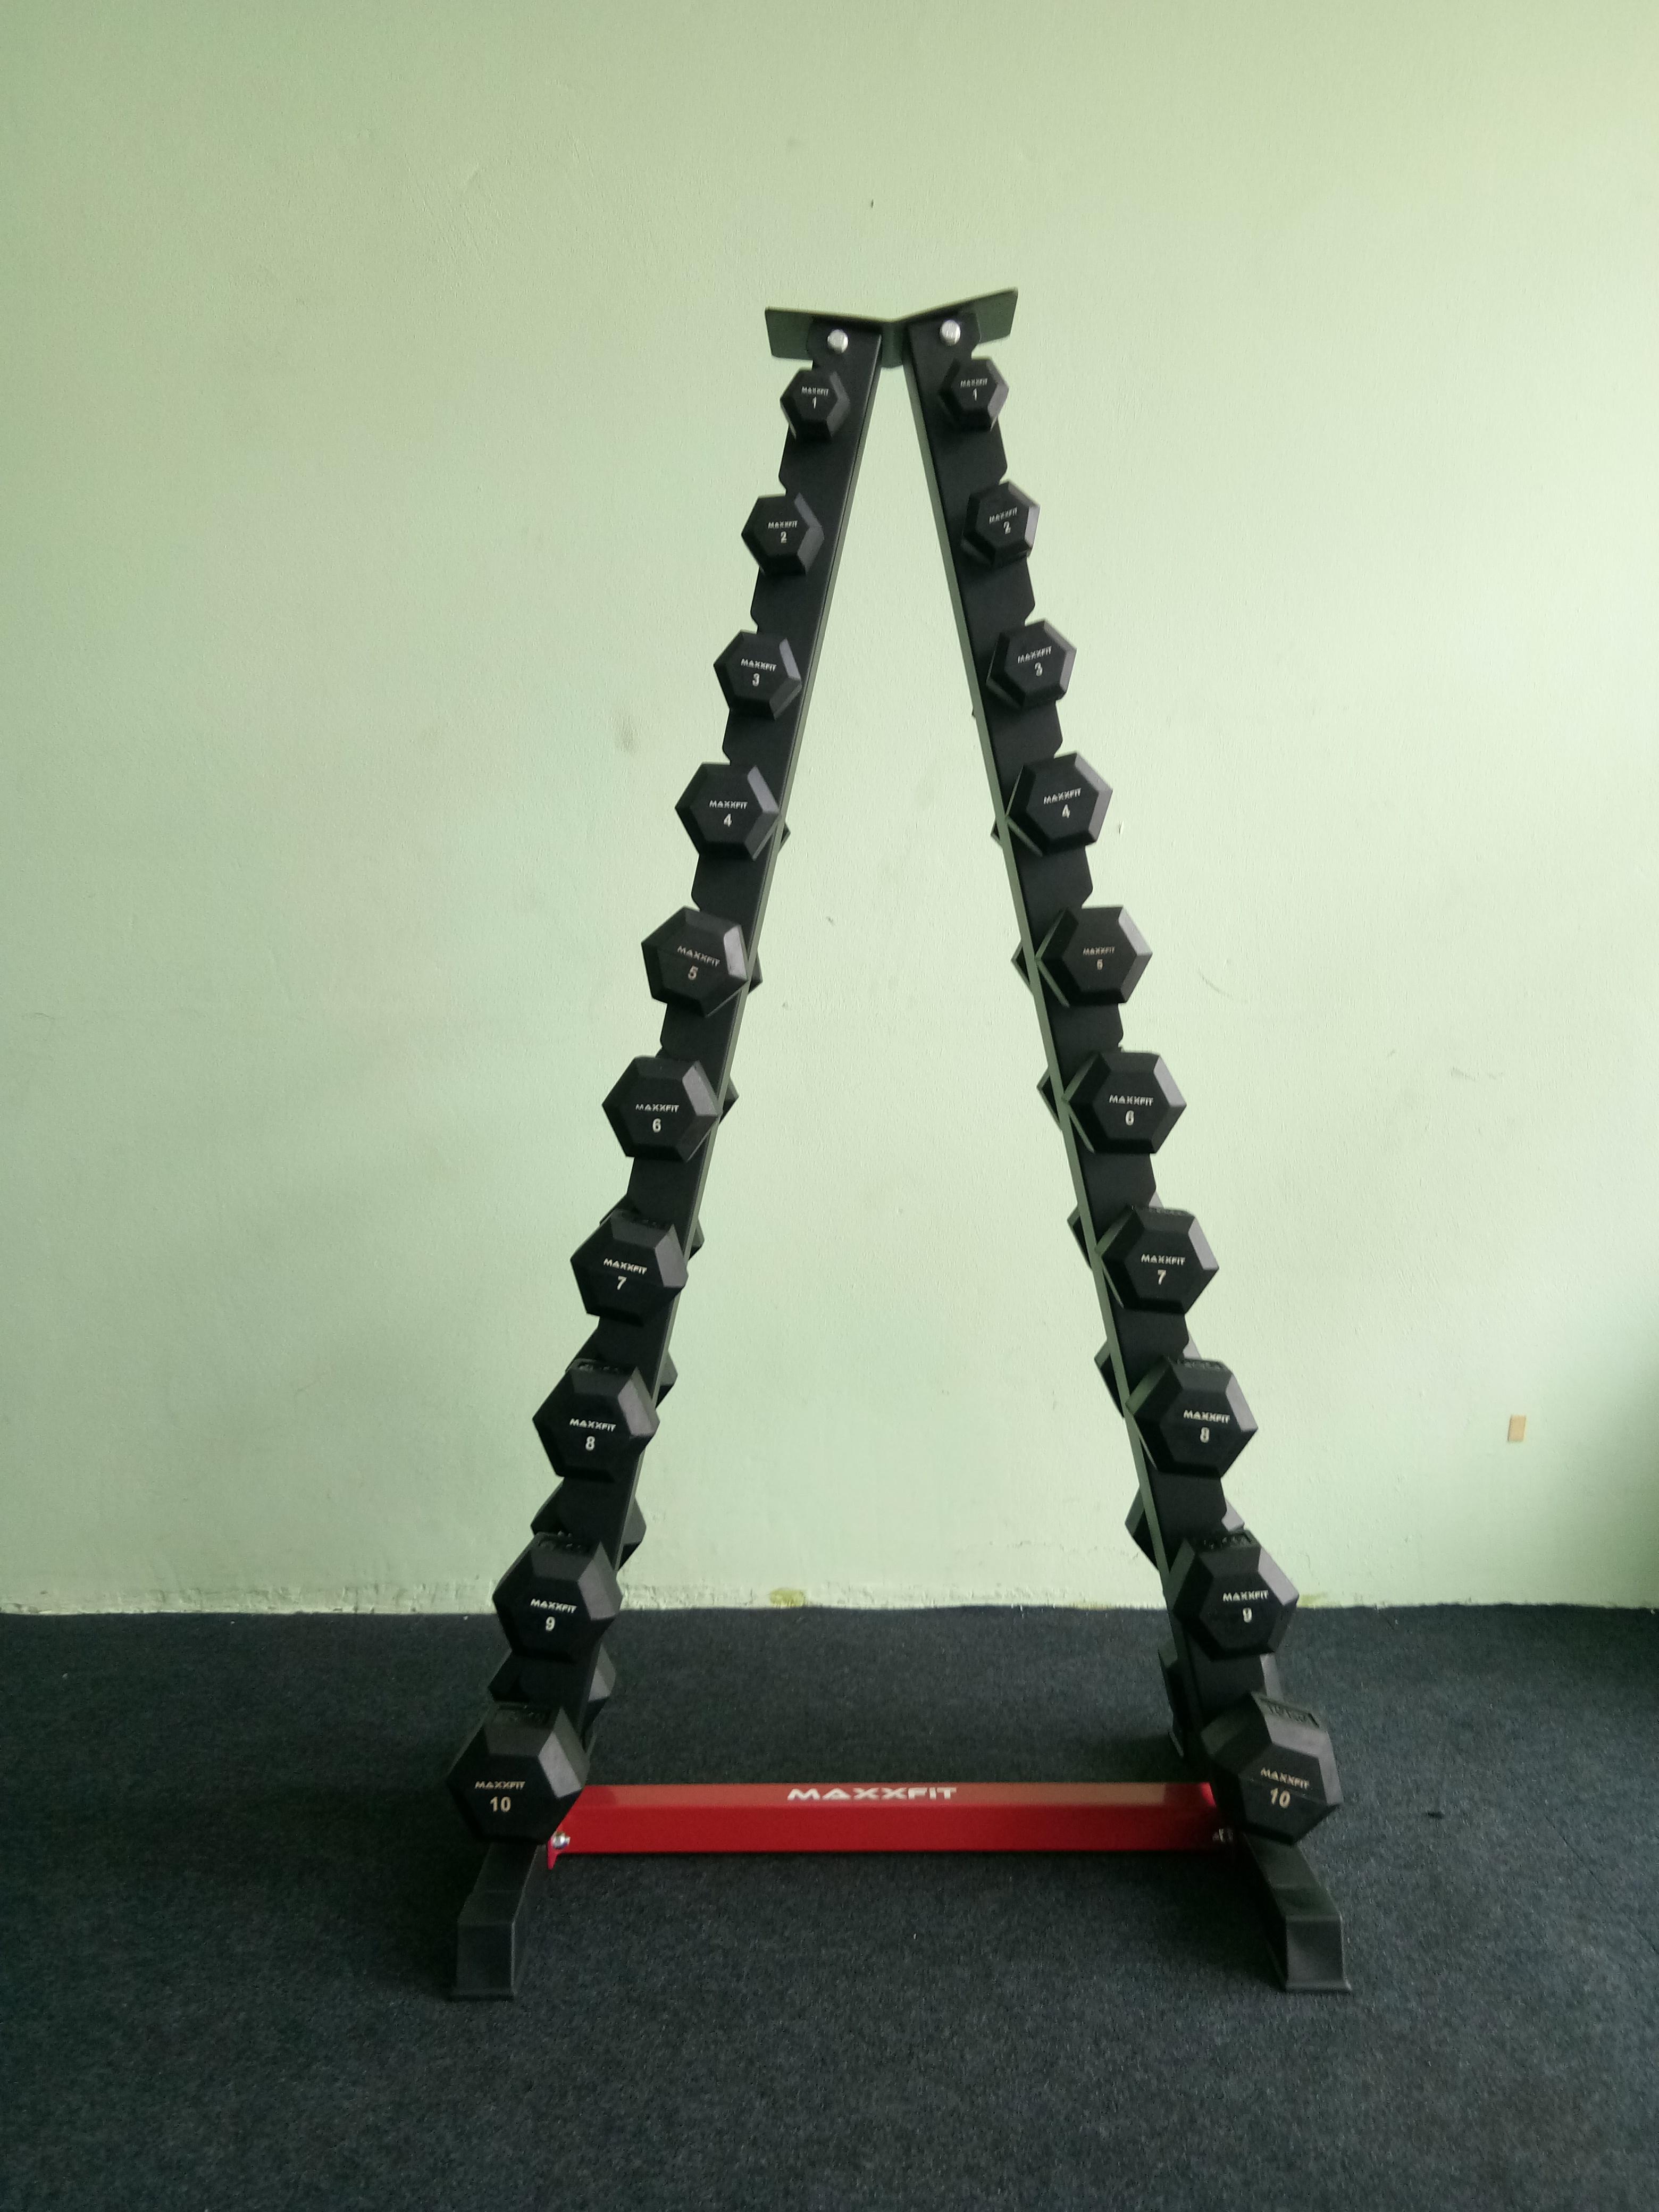 ชุดดัมเบล MAXXFiT ทรงเหลี่ยม ขนาด 1 - 10 KG. (10 คู่) พร้อมชั้นวางทรงสามเหลี่ยมสีดำ-แดง วางได้10 คู่